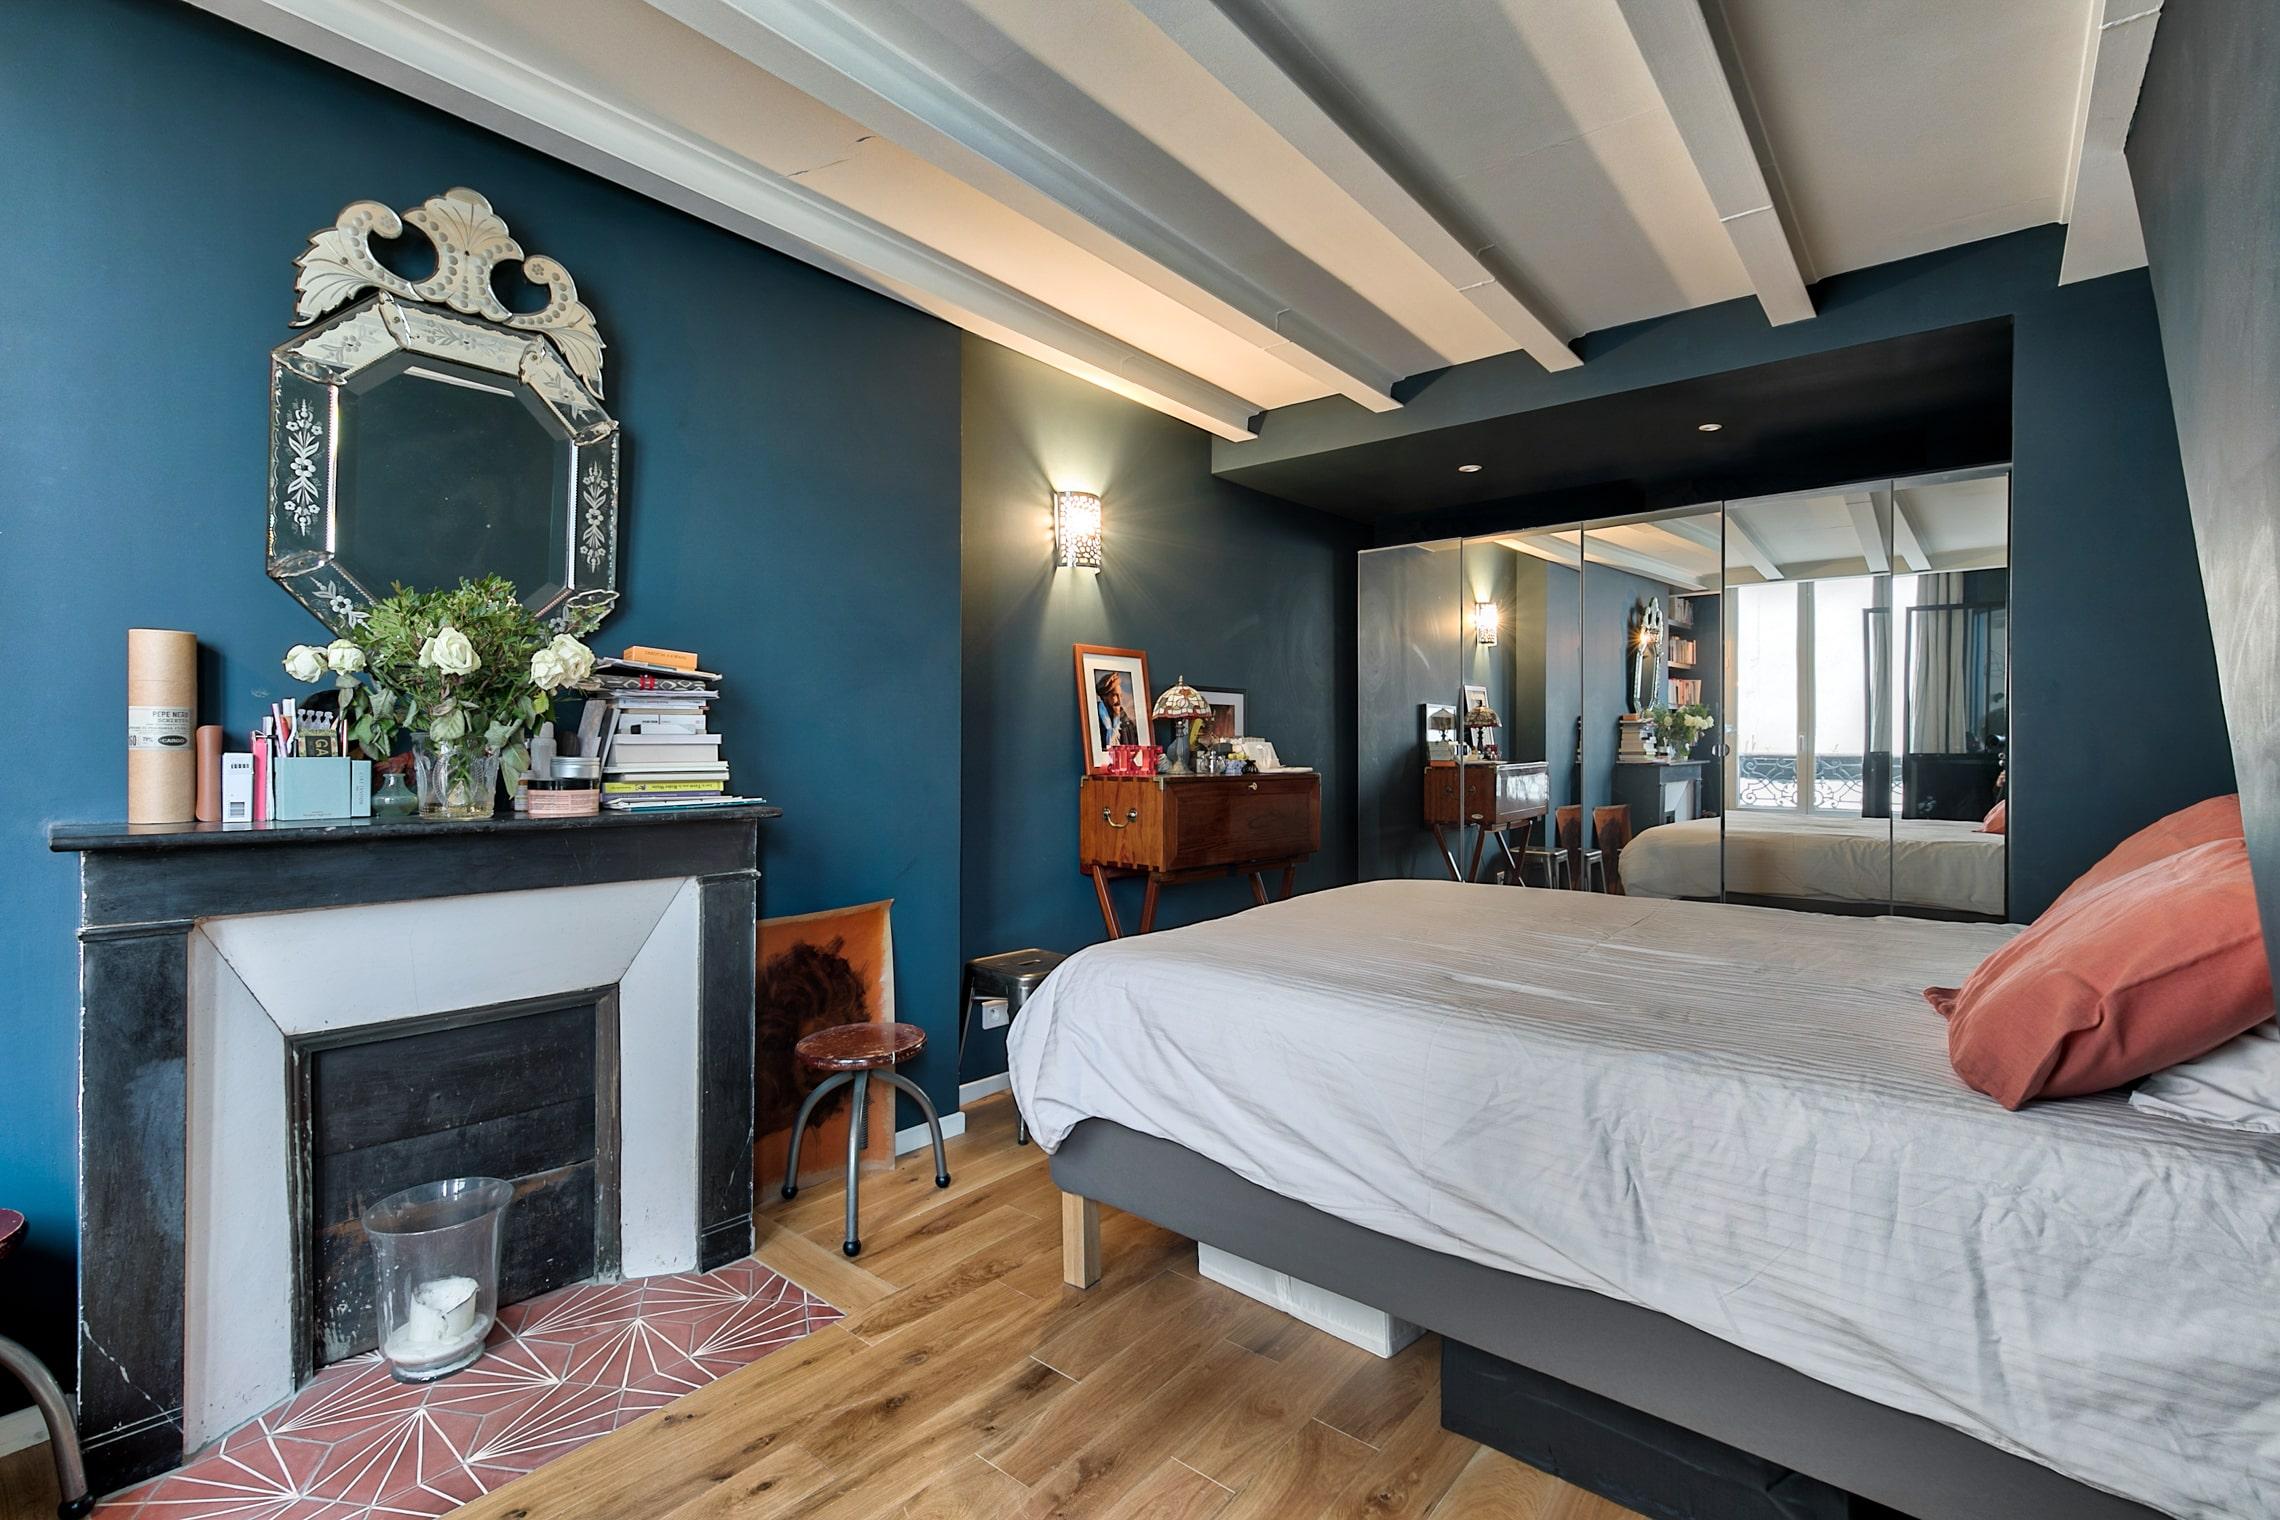 rue-du-temple-paris-03-renovation-appartement-architecture-interieur-favresse-architectes-44-min